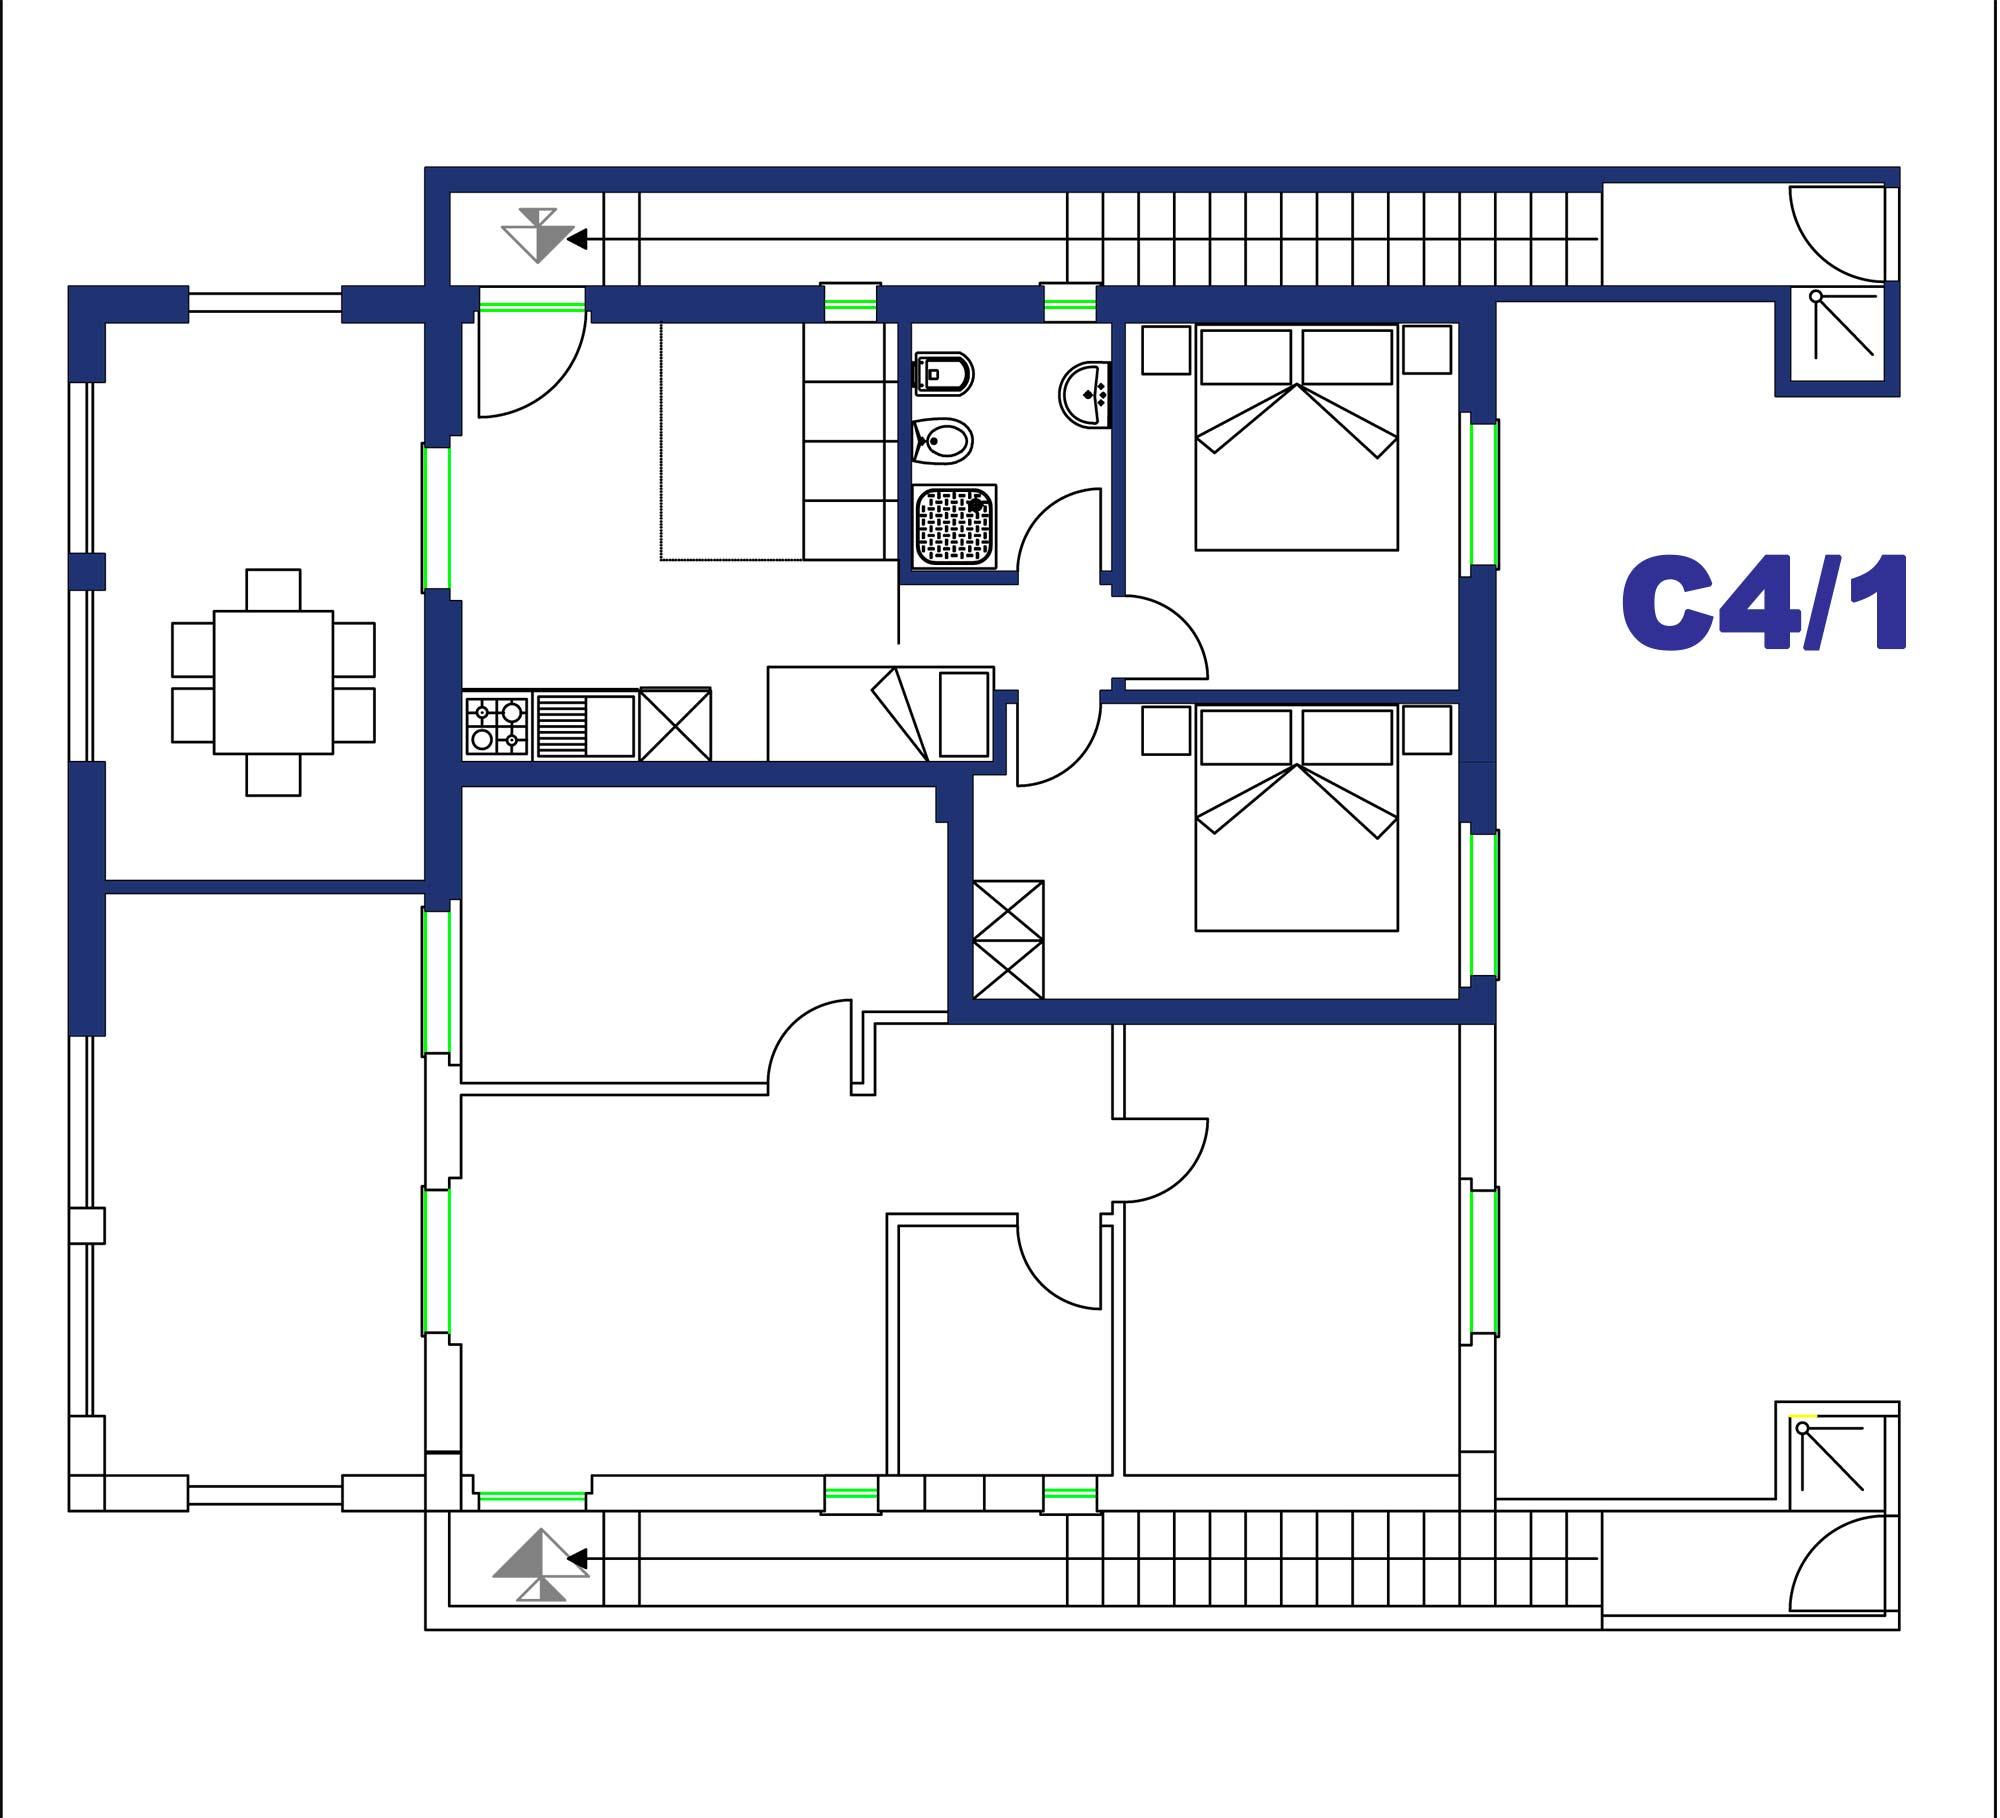 Appartamento in affitto per famiglie con bambini